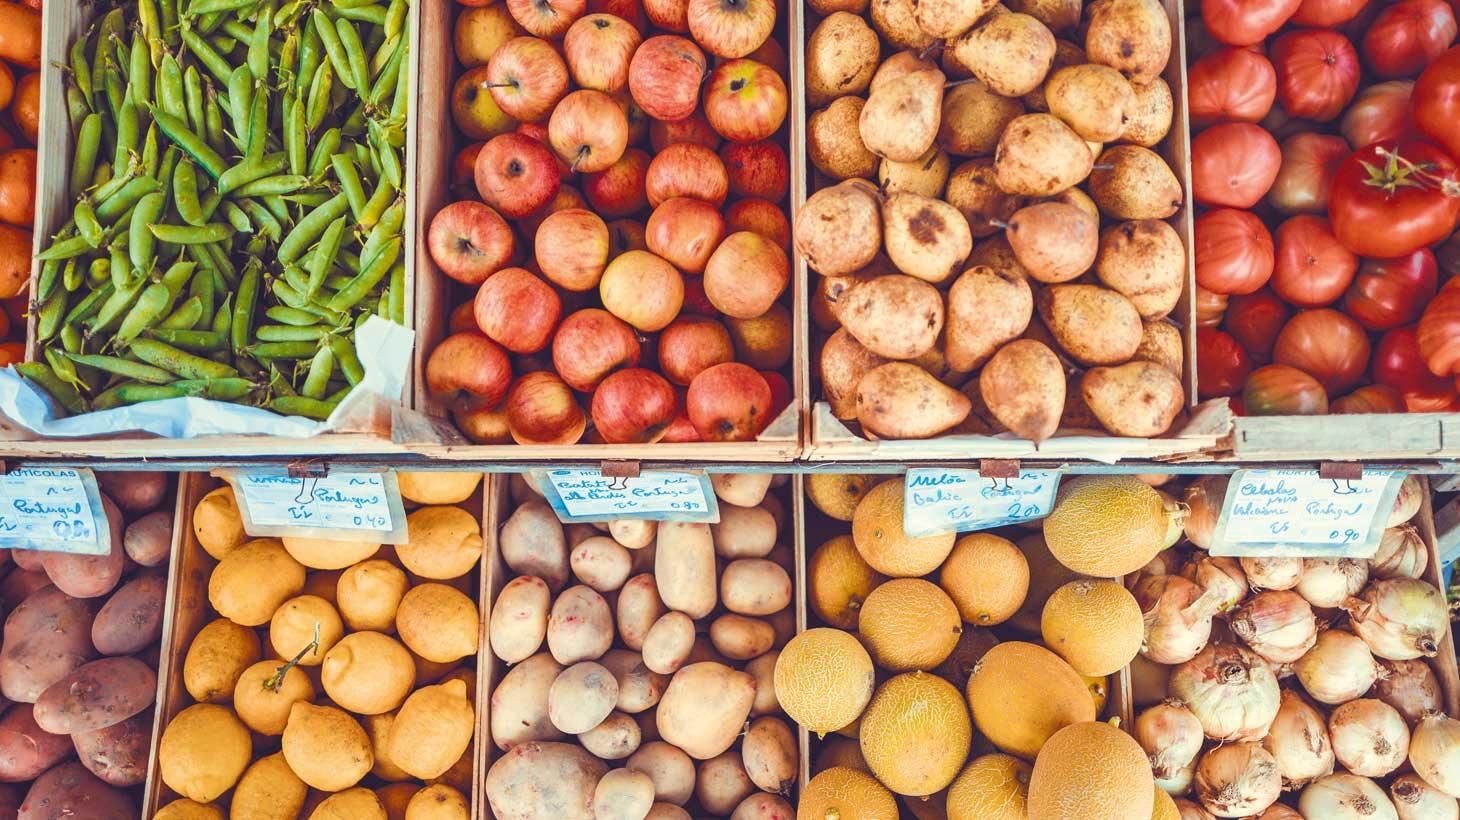 Regional und saisonal: Vorteile einer umweltbewussten Ernährung